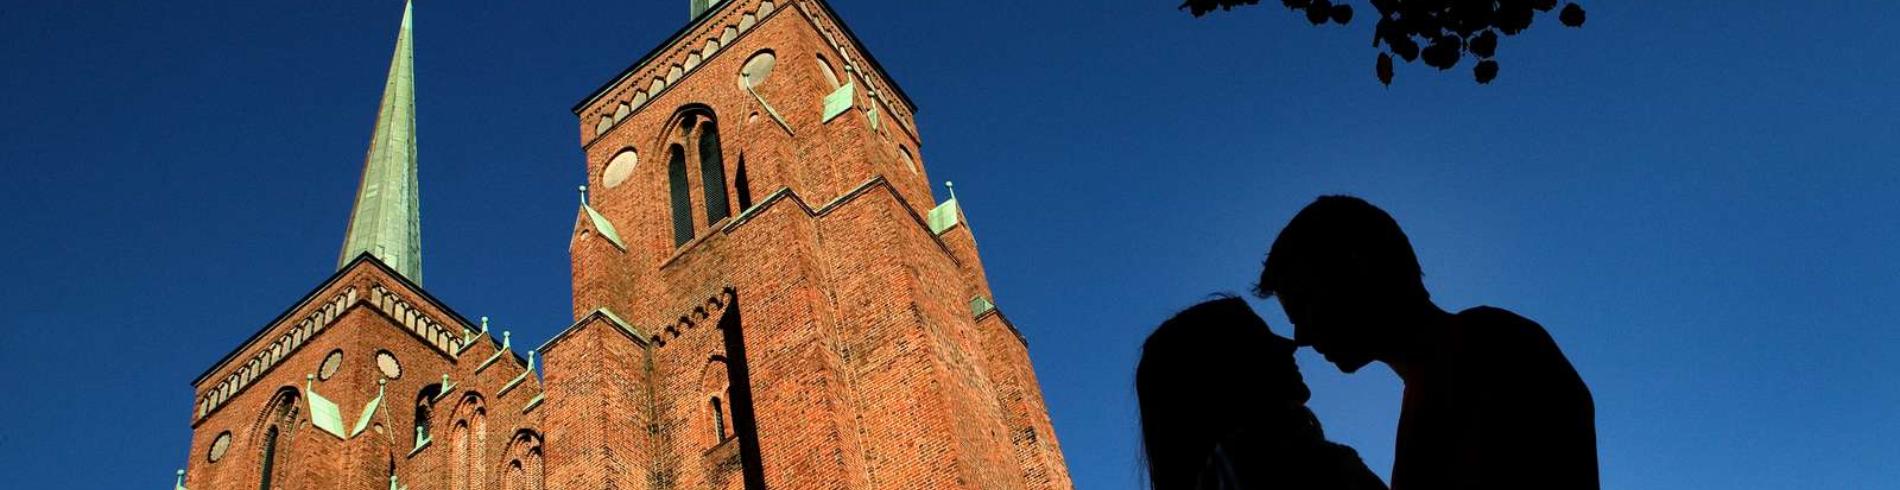 Roskilde Kommunes mediegalleri cover image